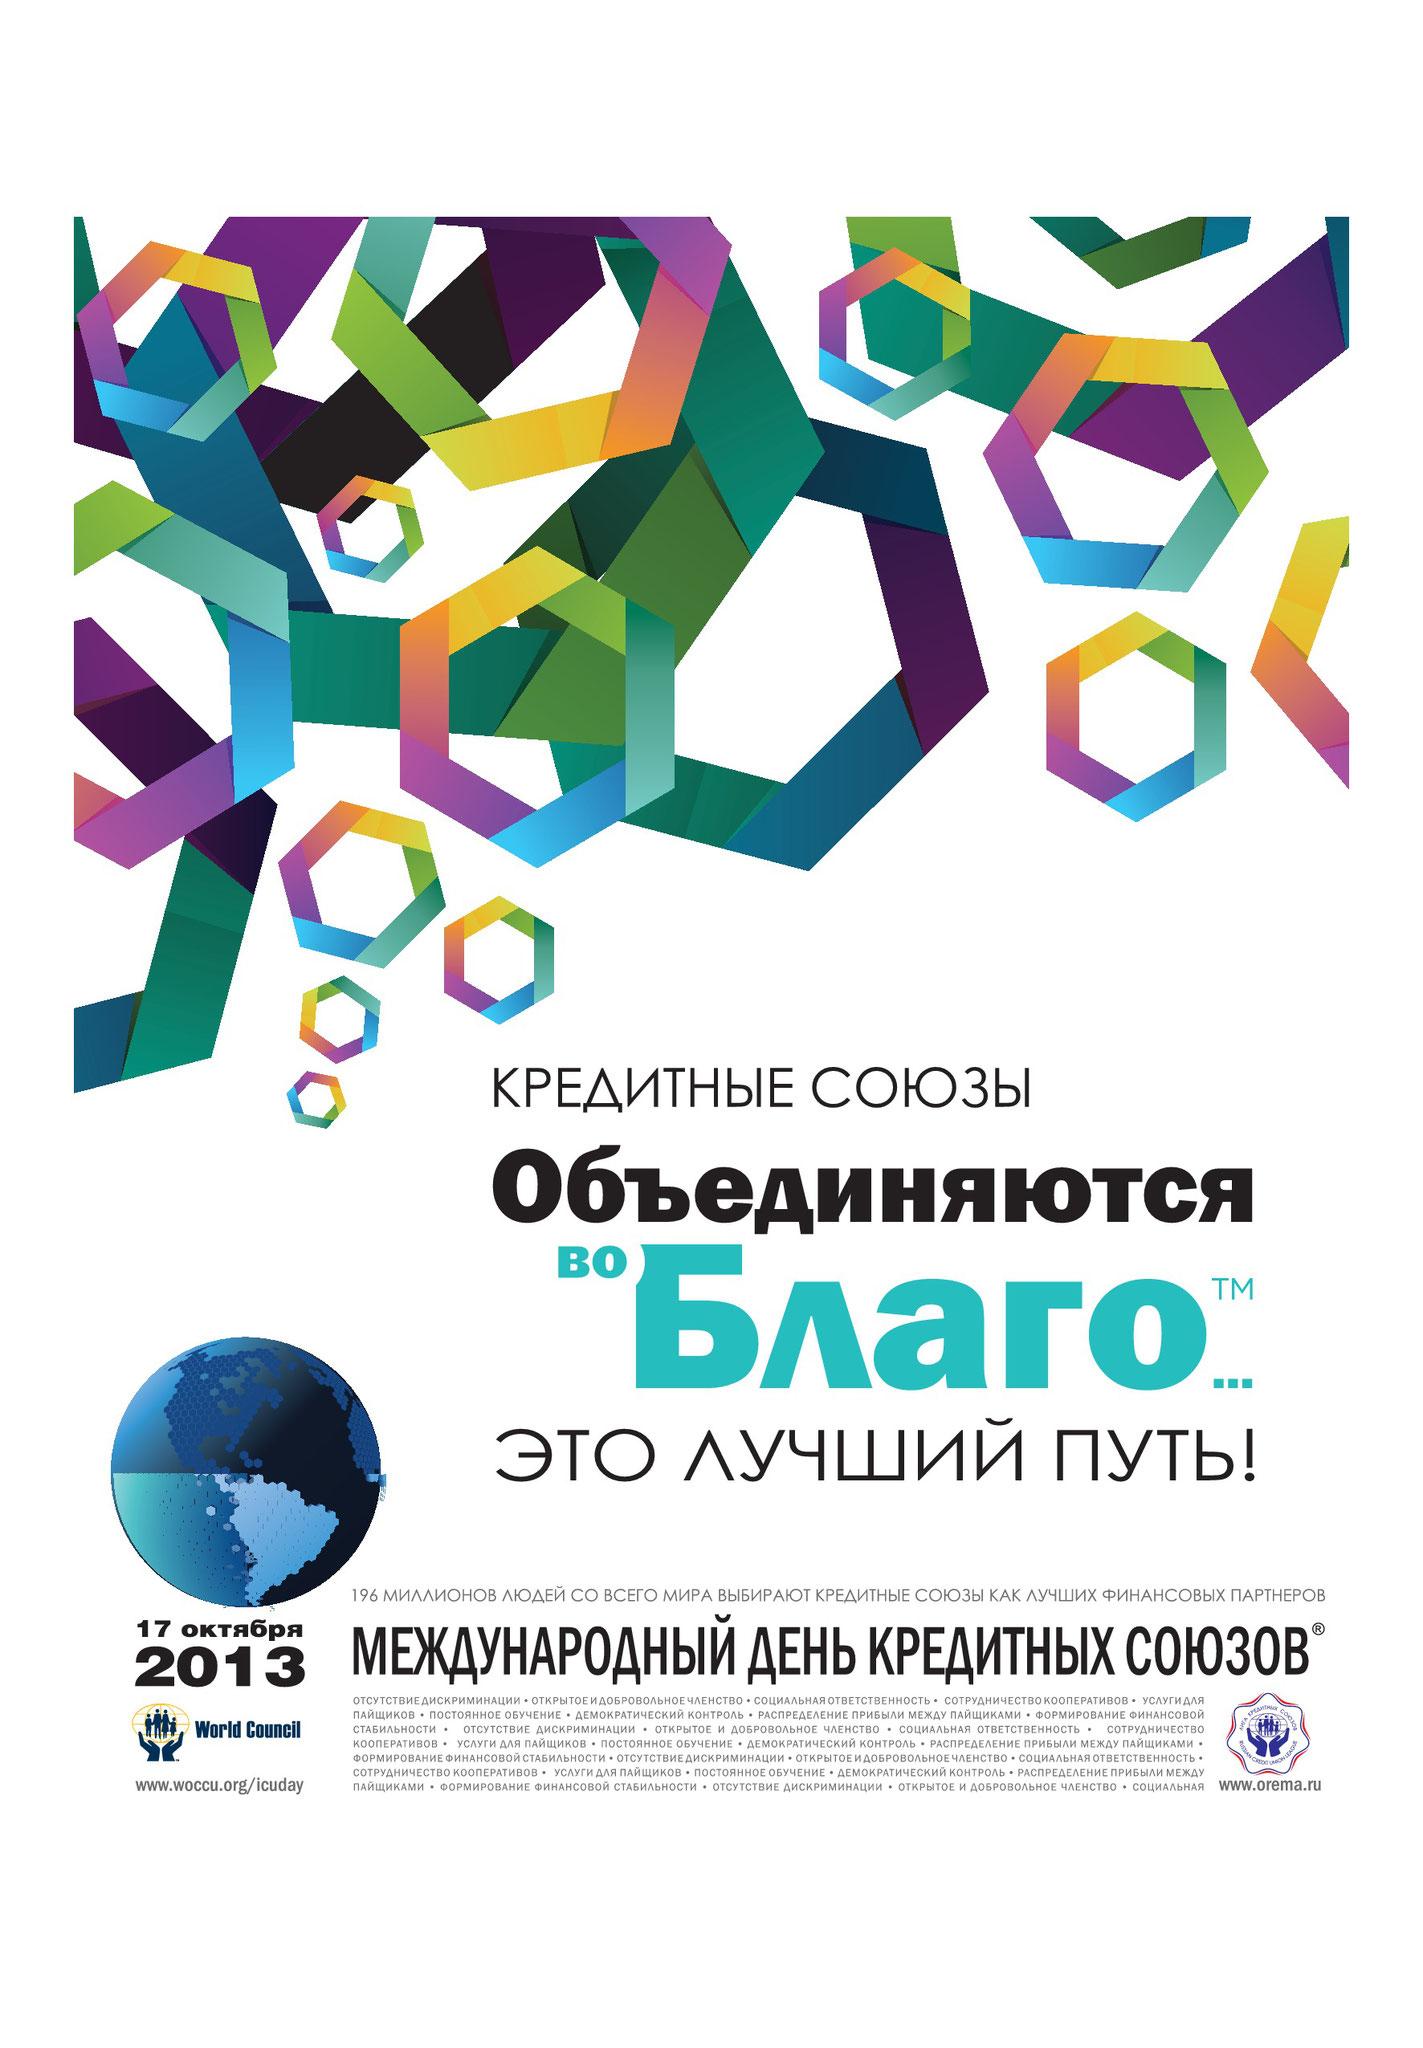 Плакат к Международному дню кредитных союзов 2013 год